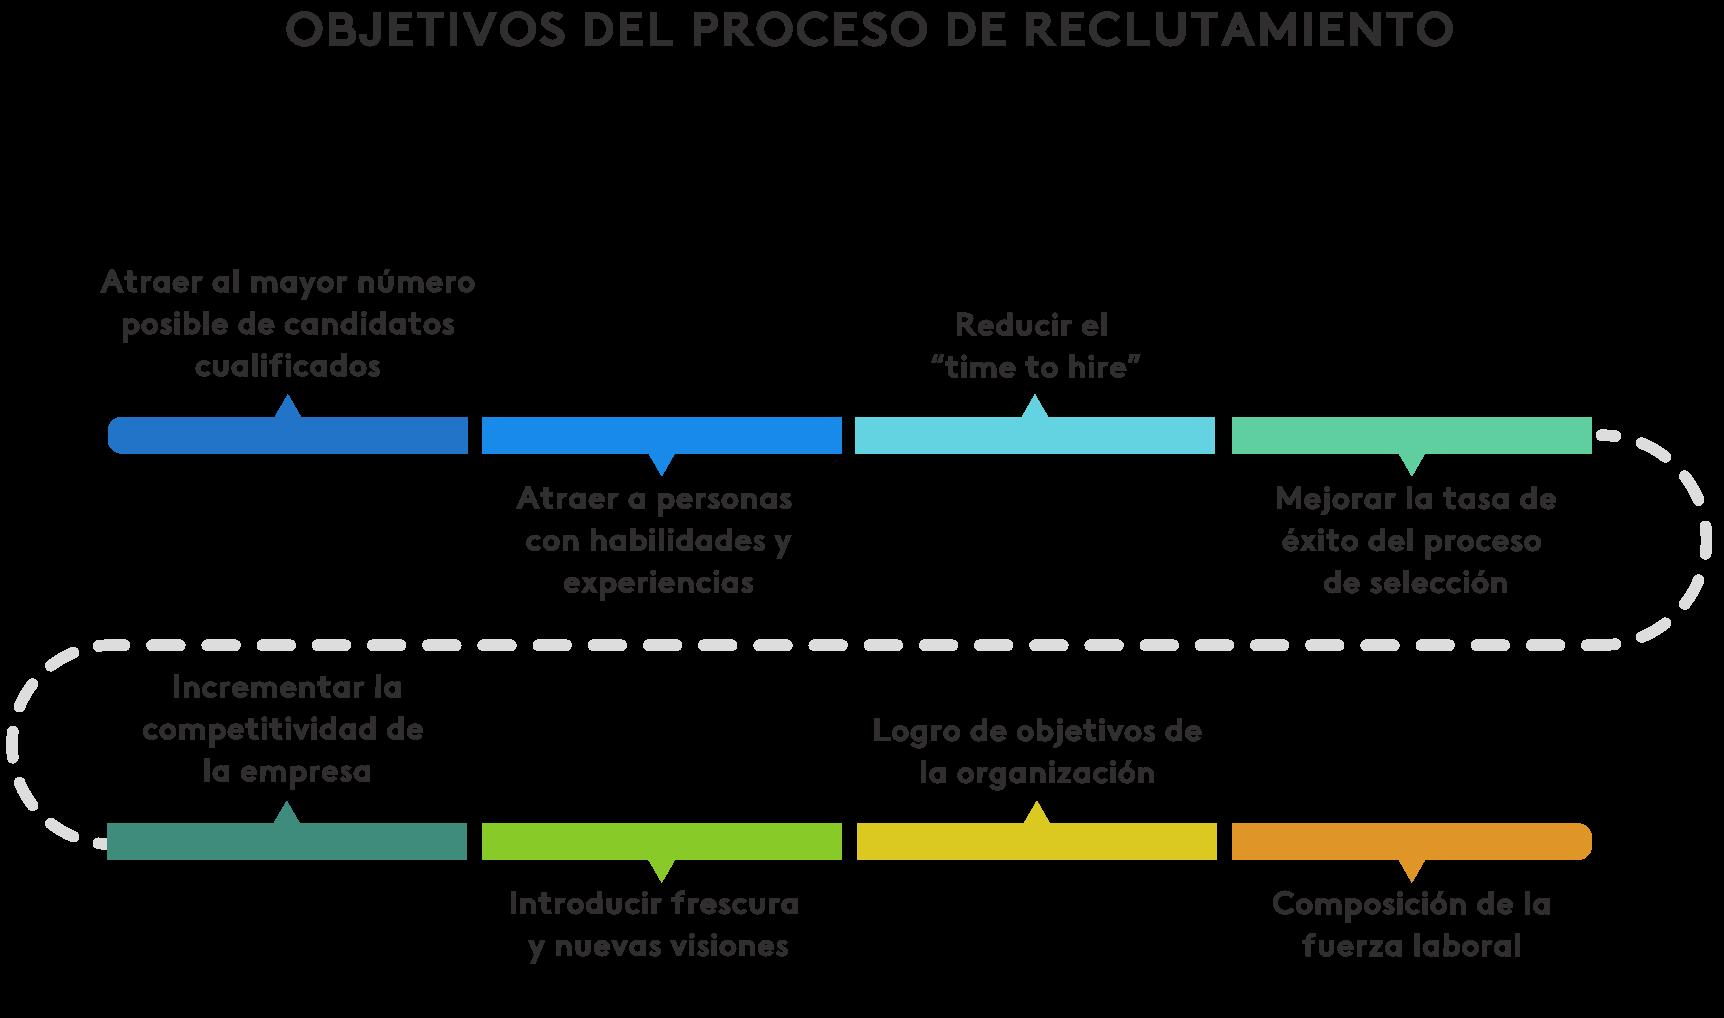 objetivos del proceso de reclutamiento